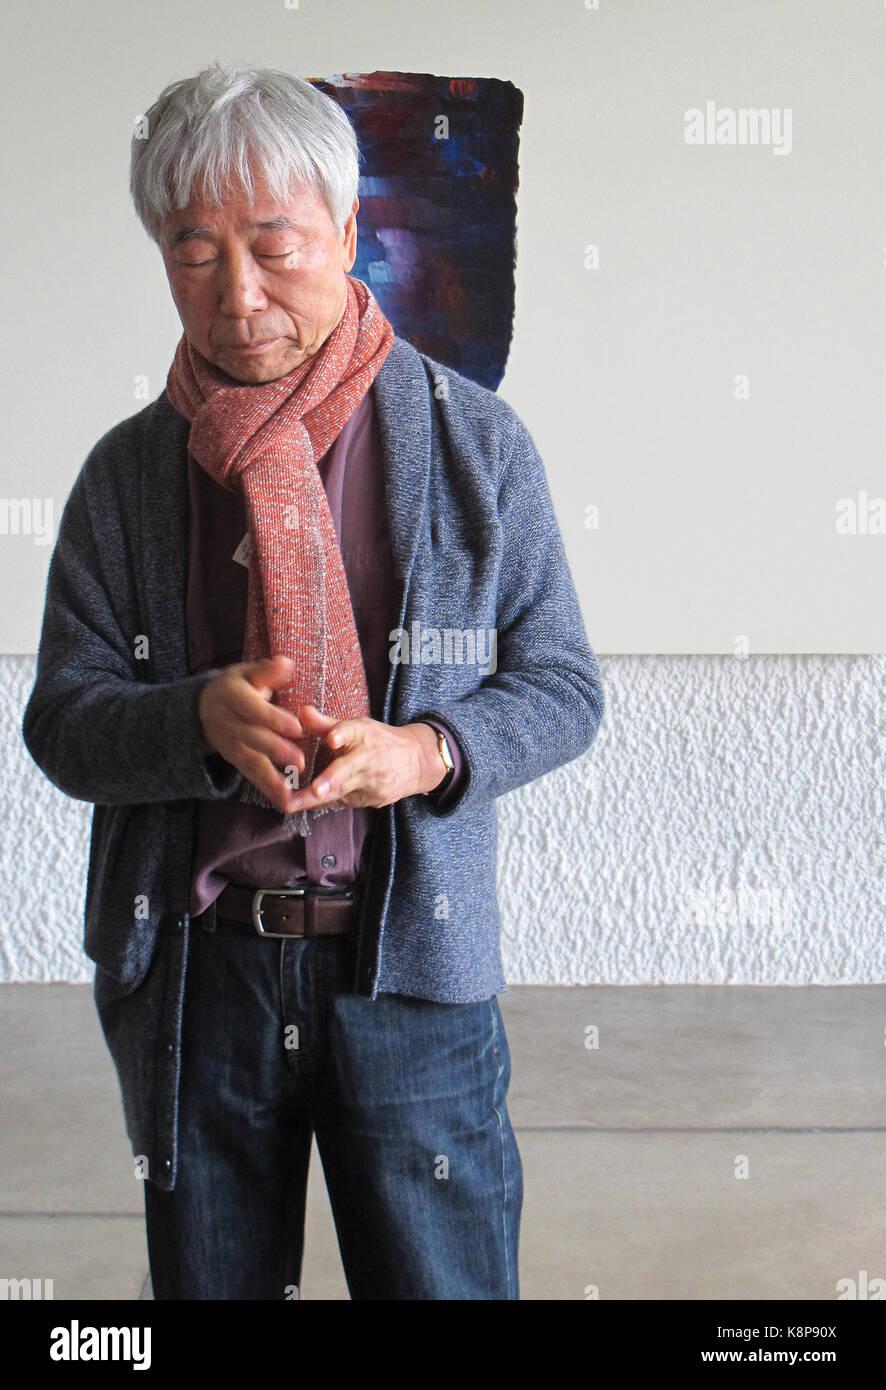 Lyon, France. Sep 19, 2017 artiste sud-coréen. lee ufan, représenté à la face d'une photo à l'hôtel Le corbusier Banque D'Images